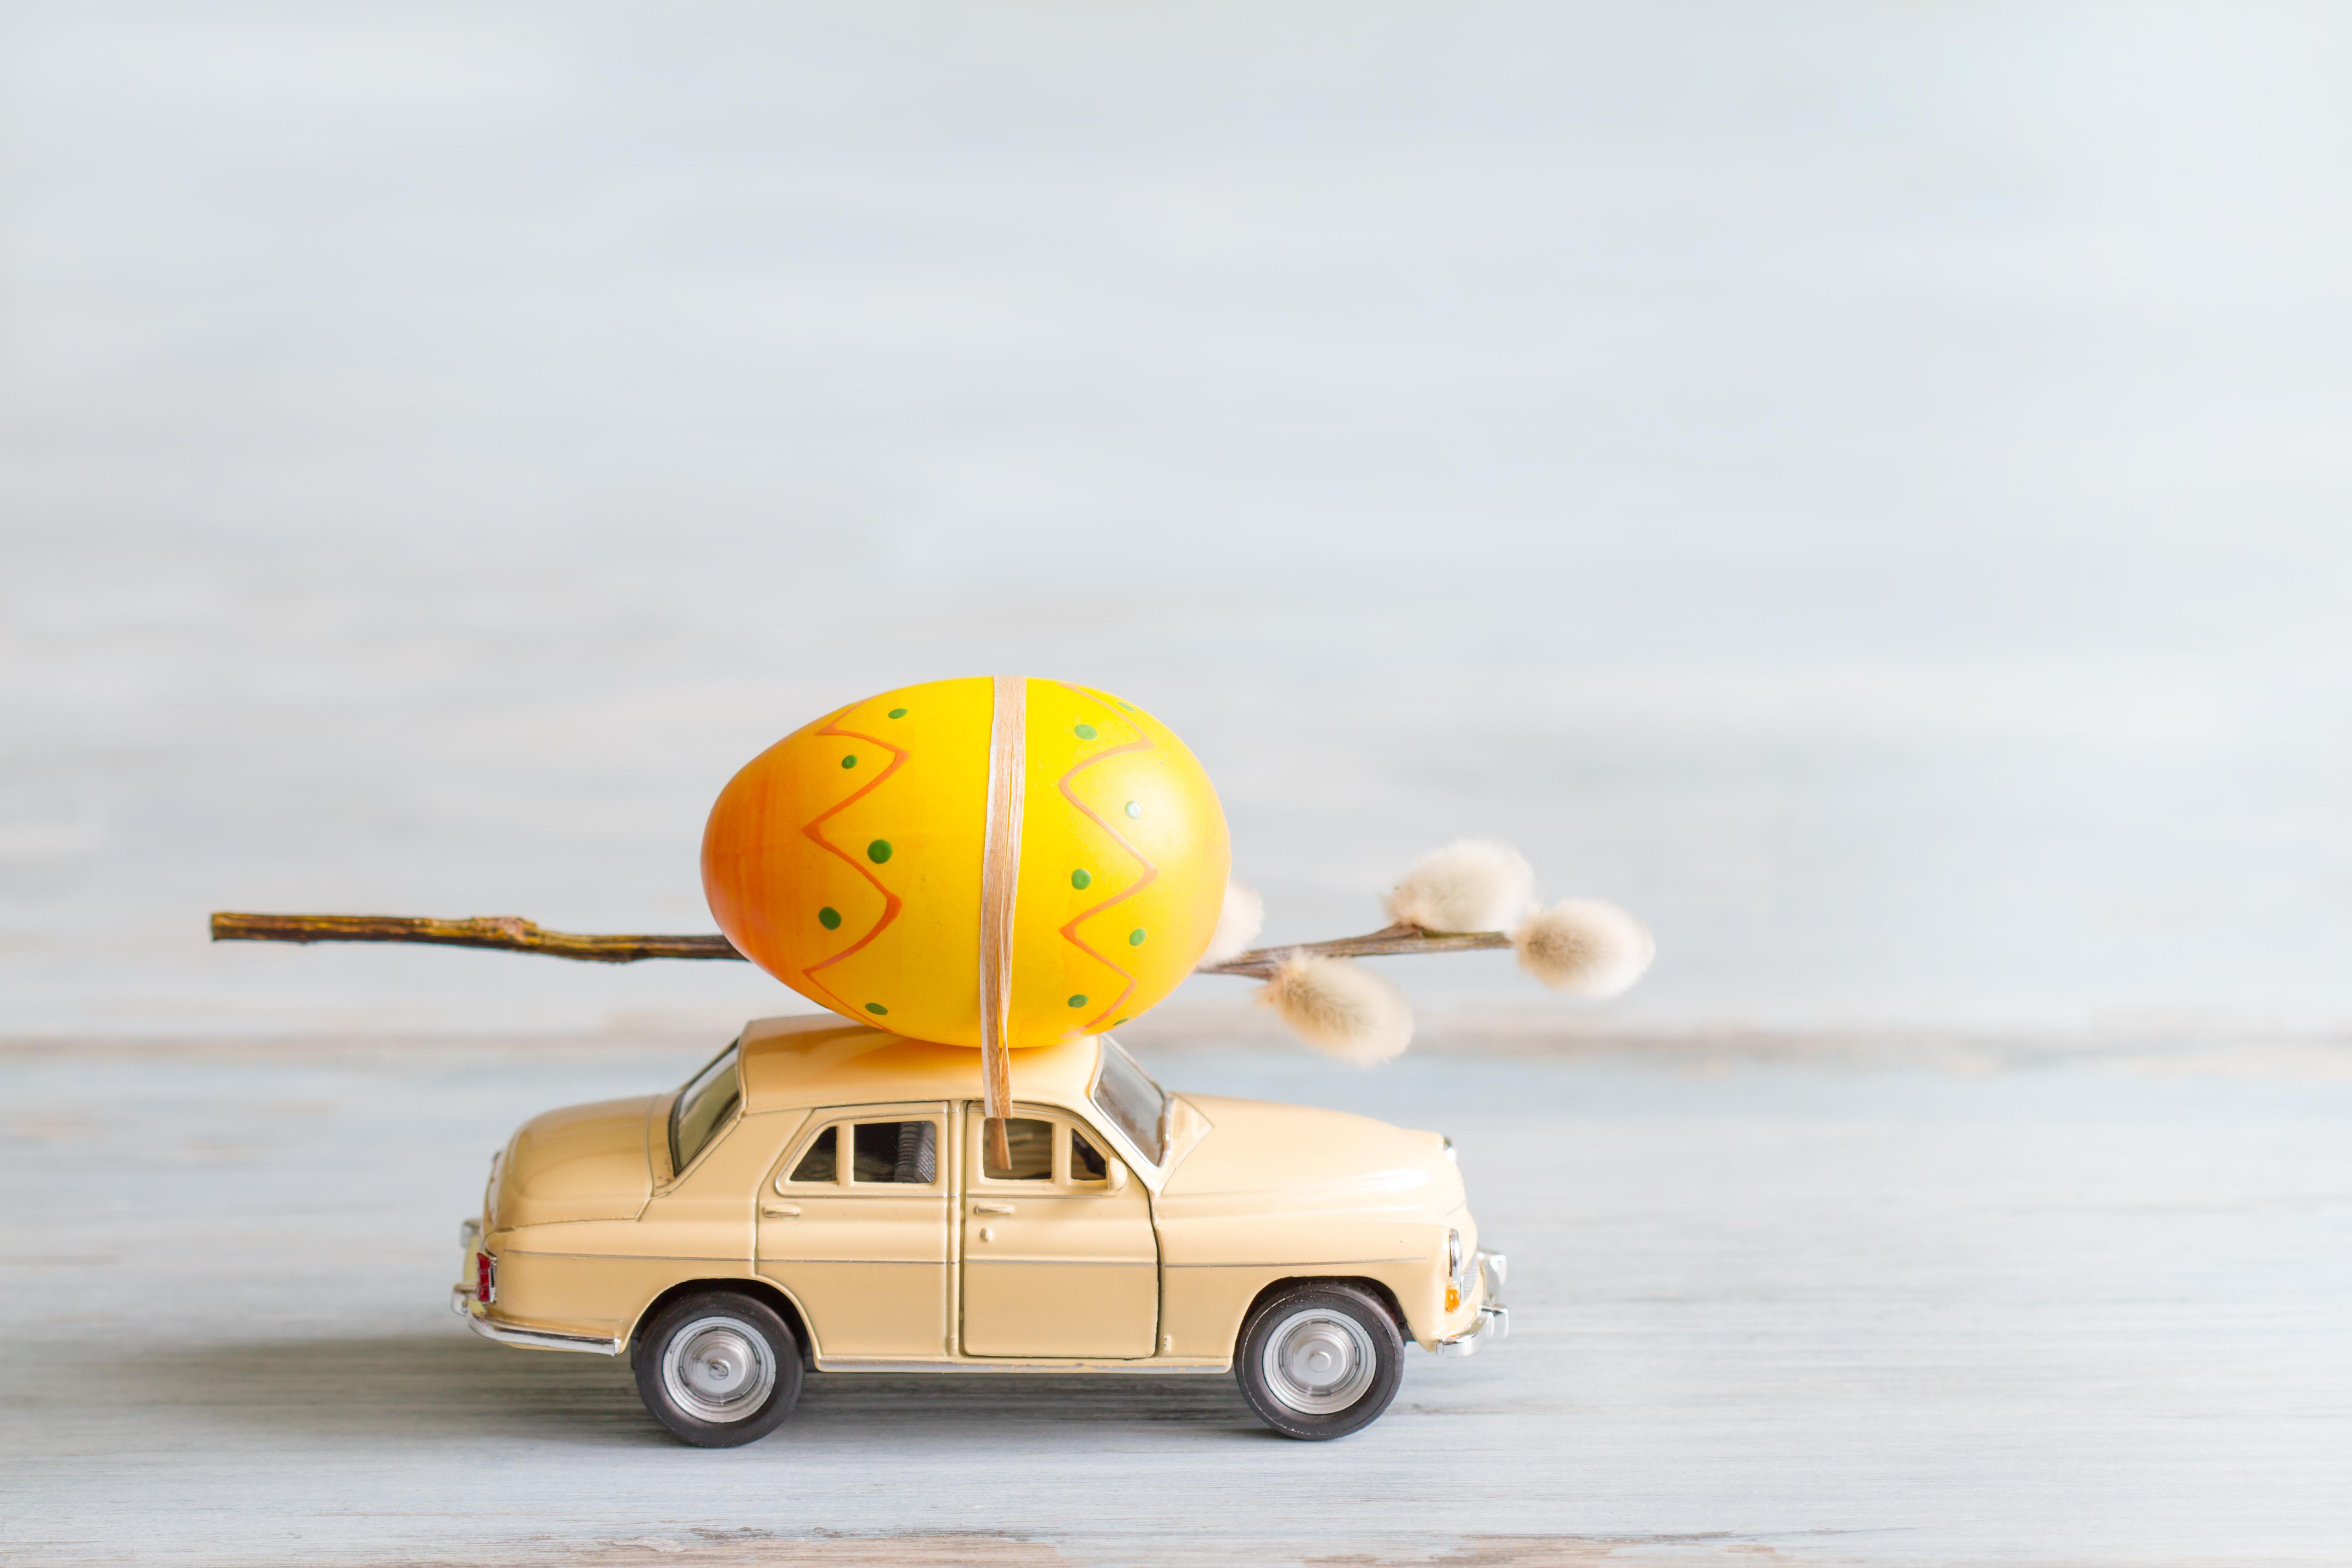 Gemensamt kan vi hjälpa till att minska olyckorna under påsken som dessvärre är en av de mest olycksdrabbade trafikperioderna om året.